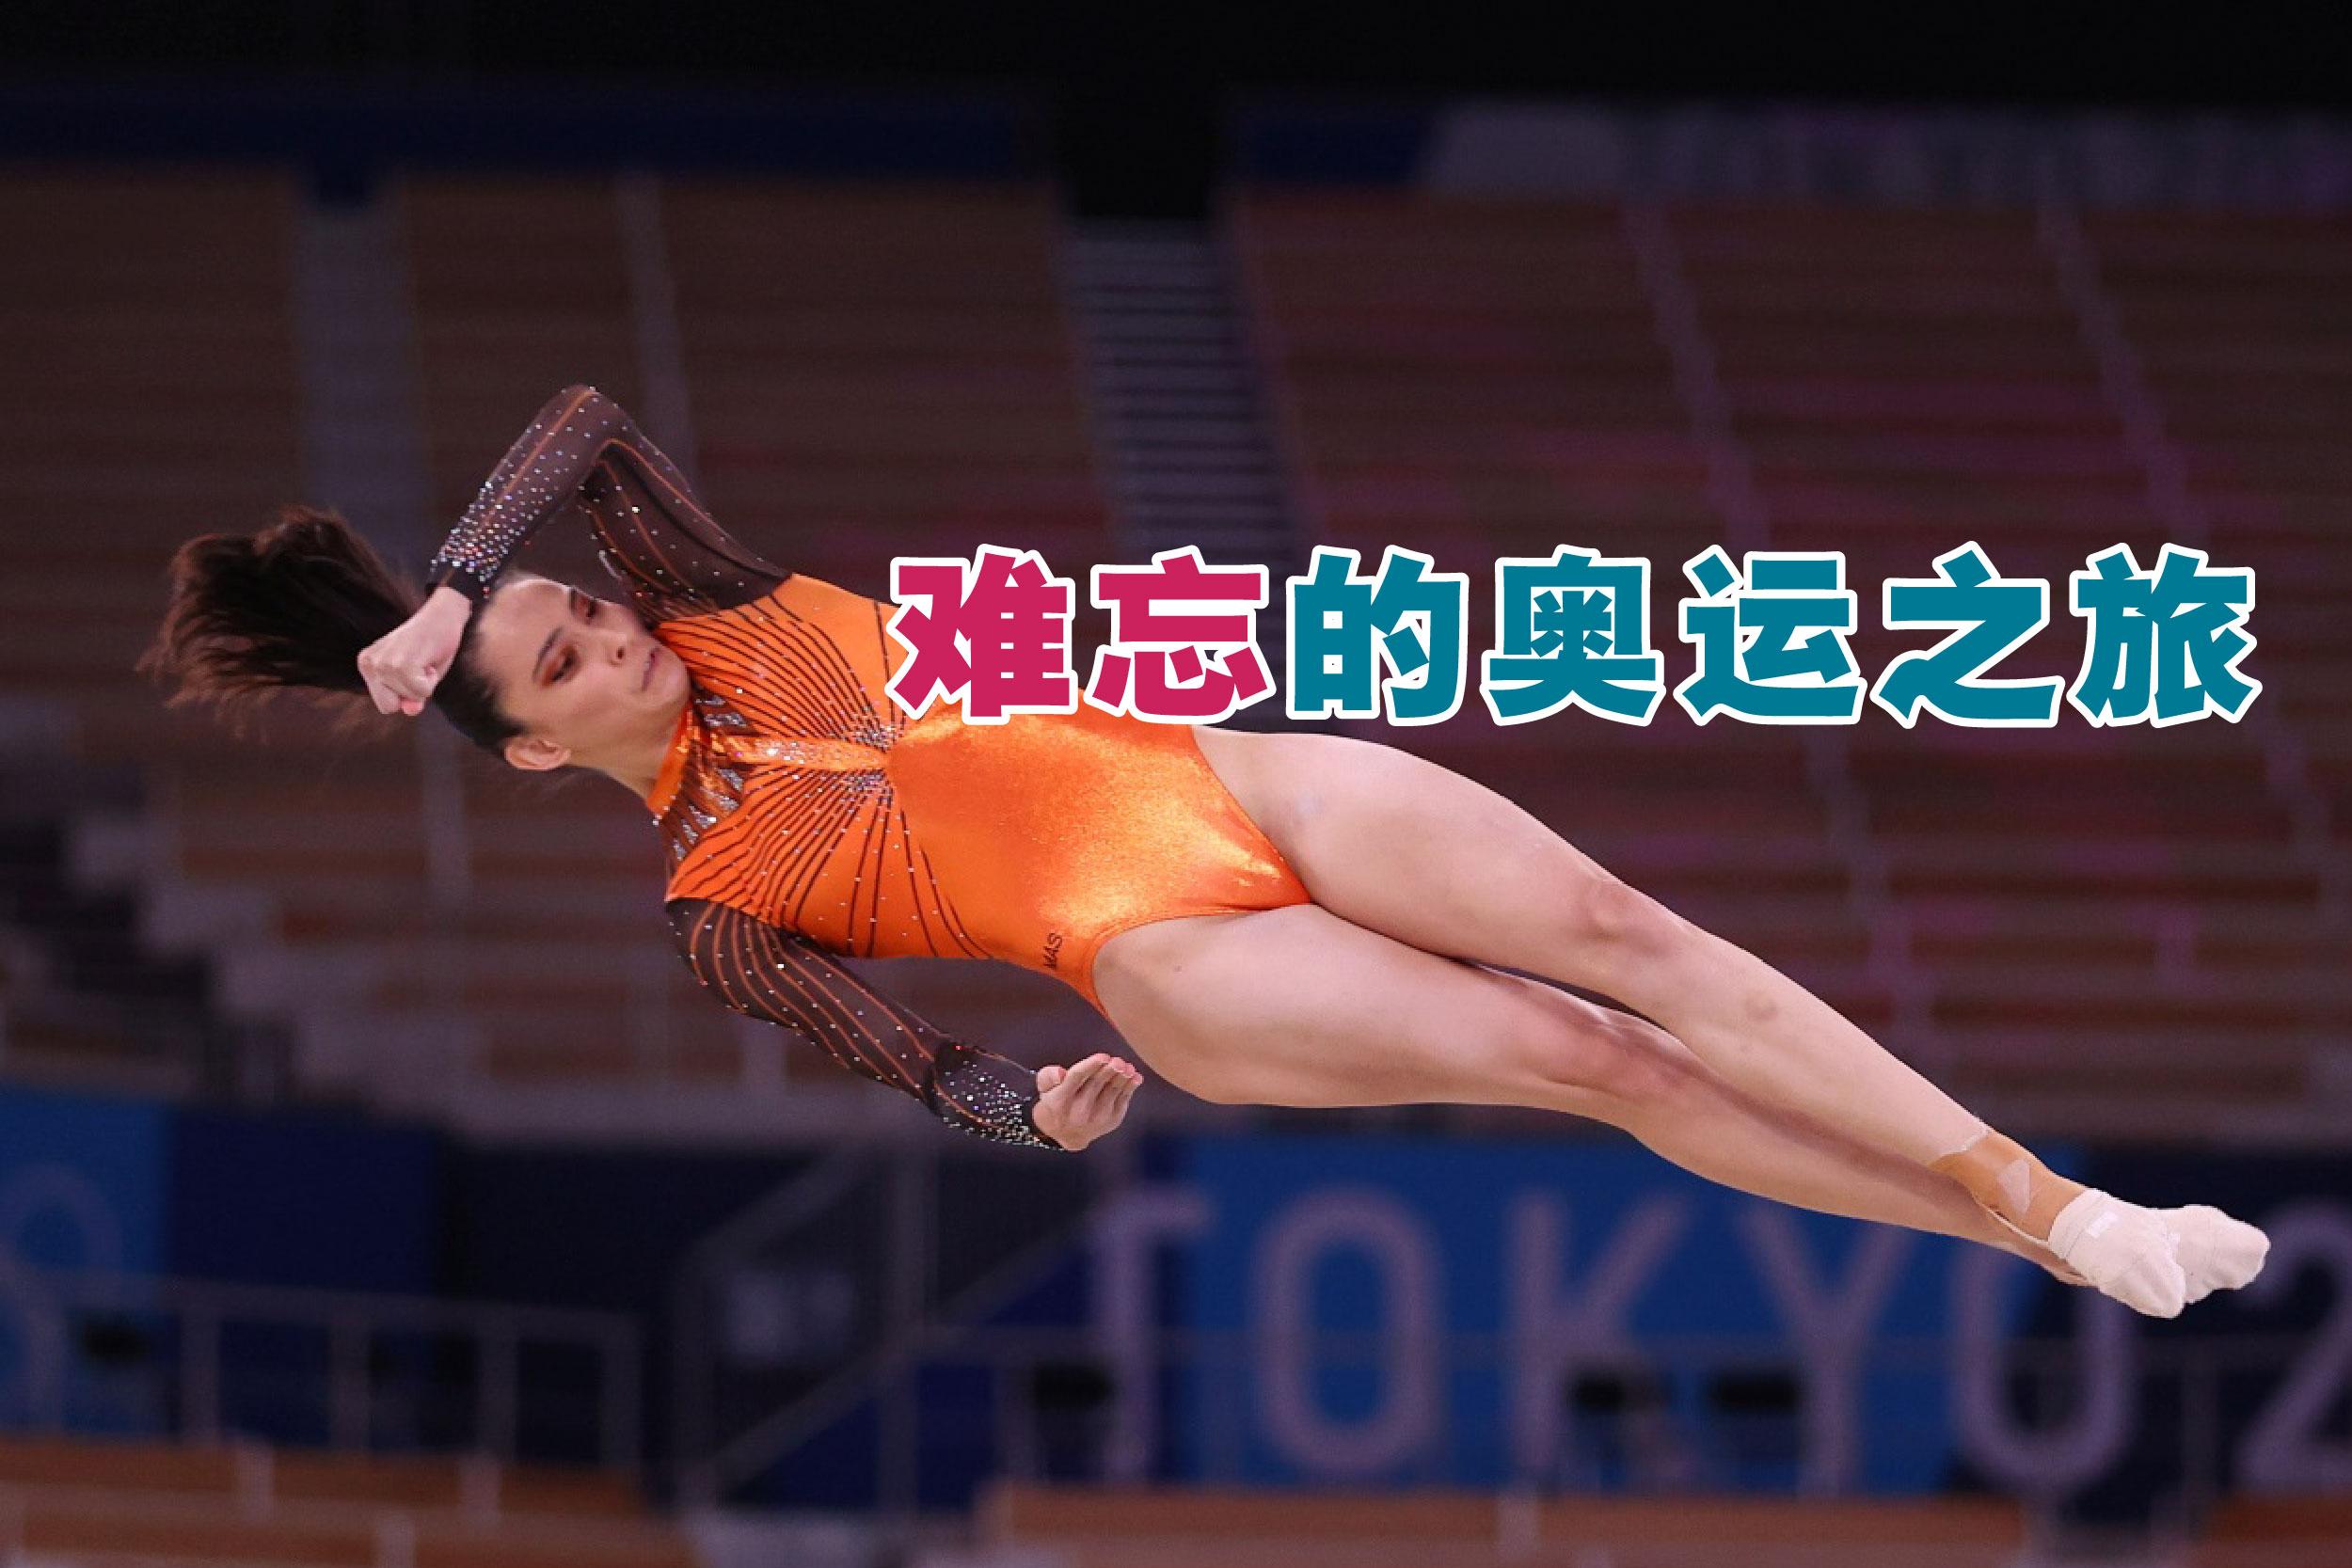 法拉安表示能够站上奥运舞台,是她职业生涯中最艰辛以及难忘的回忆。-路透社/精彩大马制图-